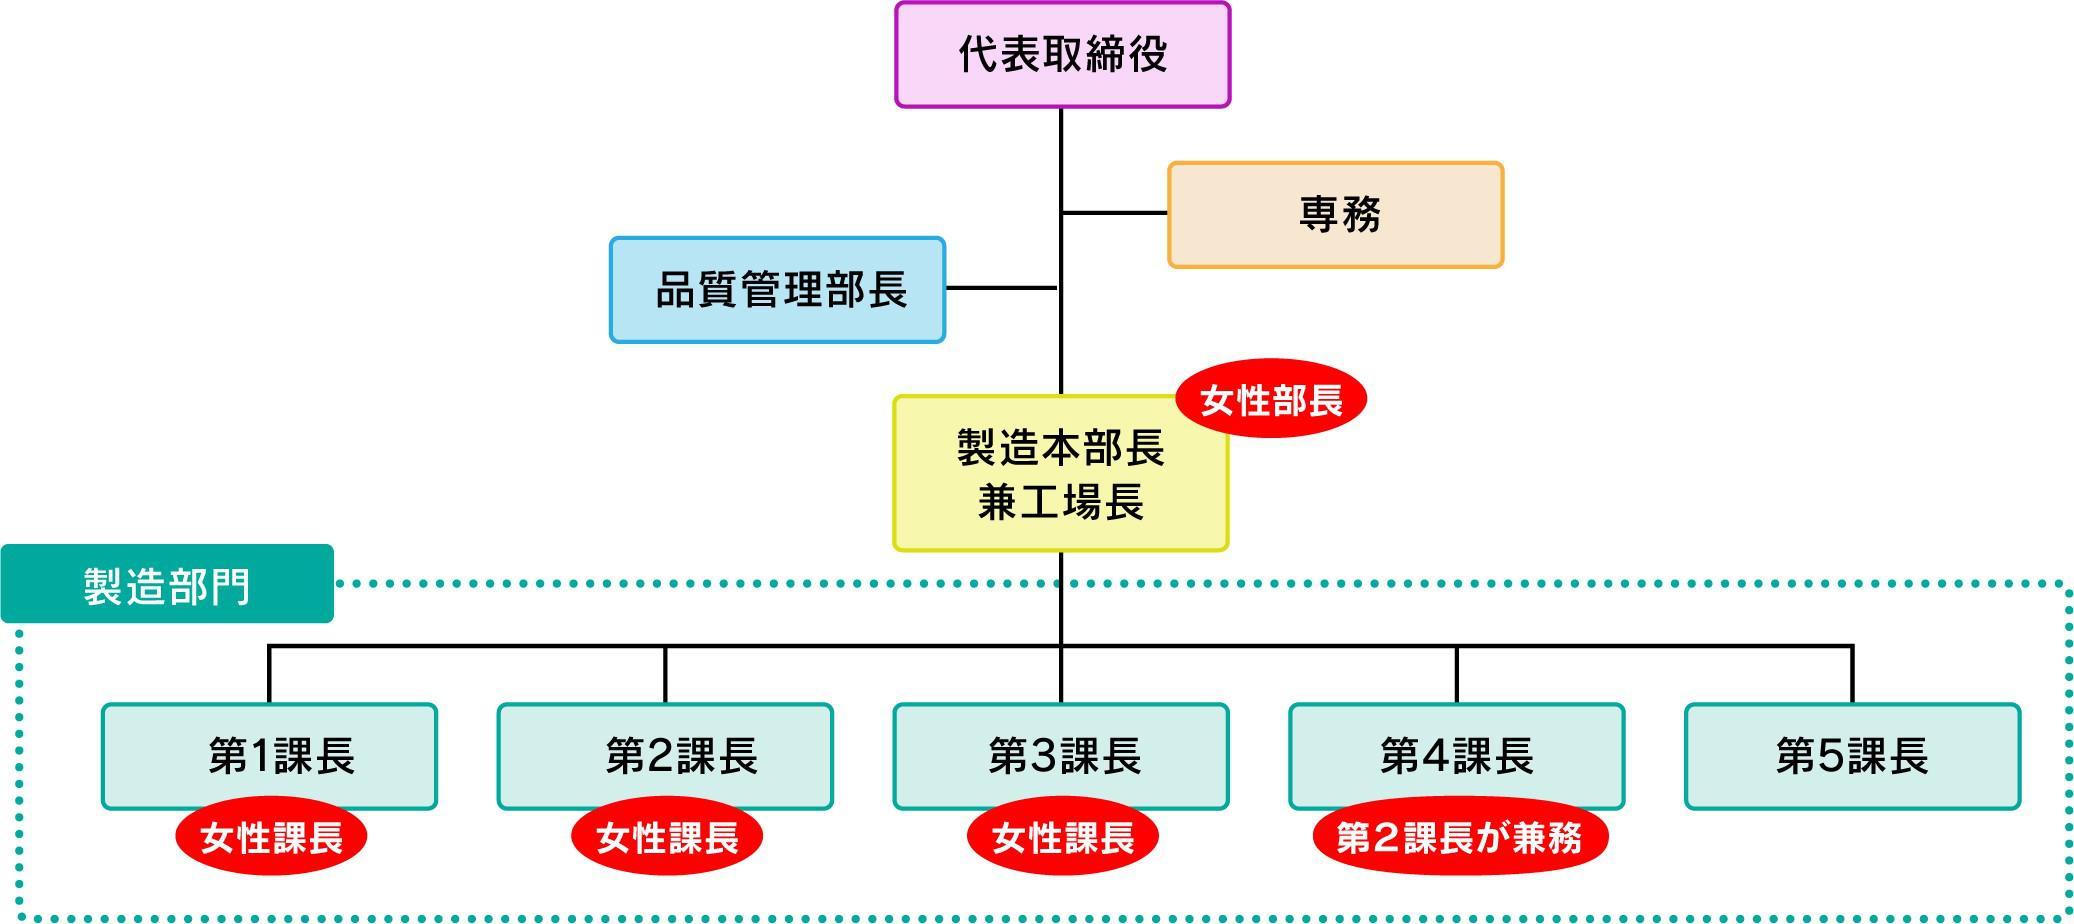 http://hint-hiroshima.com/keiei/upload/599f55f38fed87d7f1aefd133542f2a56ab47a2a.jpg